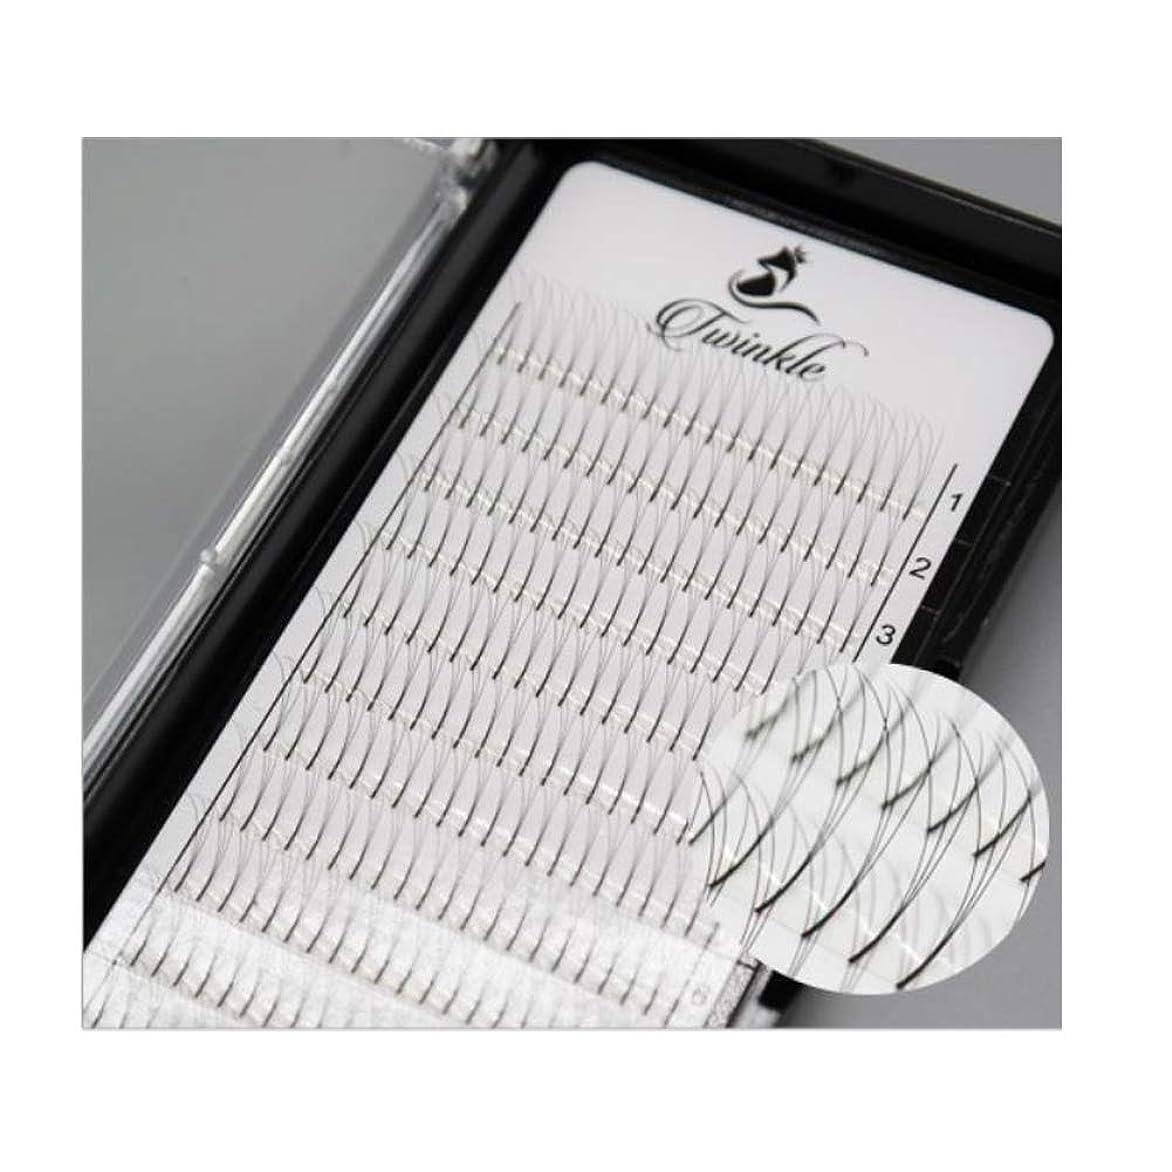 変装塩辛い注文(Twinkle)まつげ エクステ 3D ボリューム 太さ0.07mm Cカール フレア セルフ用 素材 3本束 マツエク/セルフまつげ/高品質 超極細 軽く保持力の良いまつ毛 [海外配送品] (9mm)